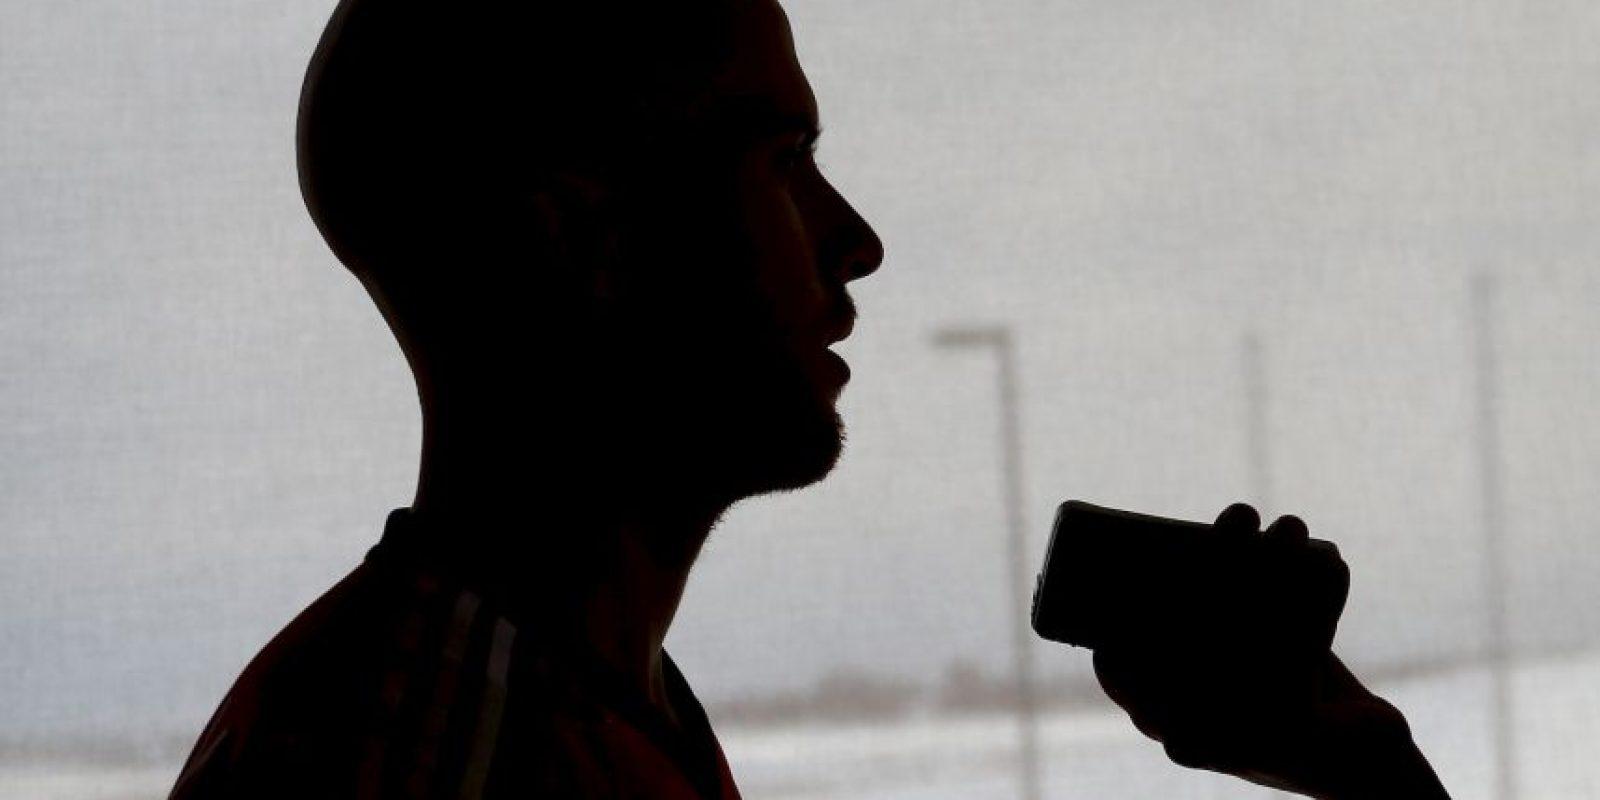 Cuando se dio cuenta de la situación el reportero se sintió avergonzado. Foto:Getty Images